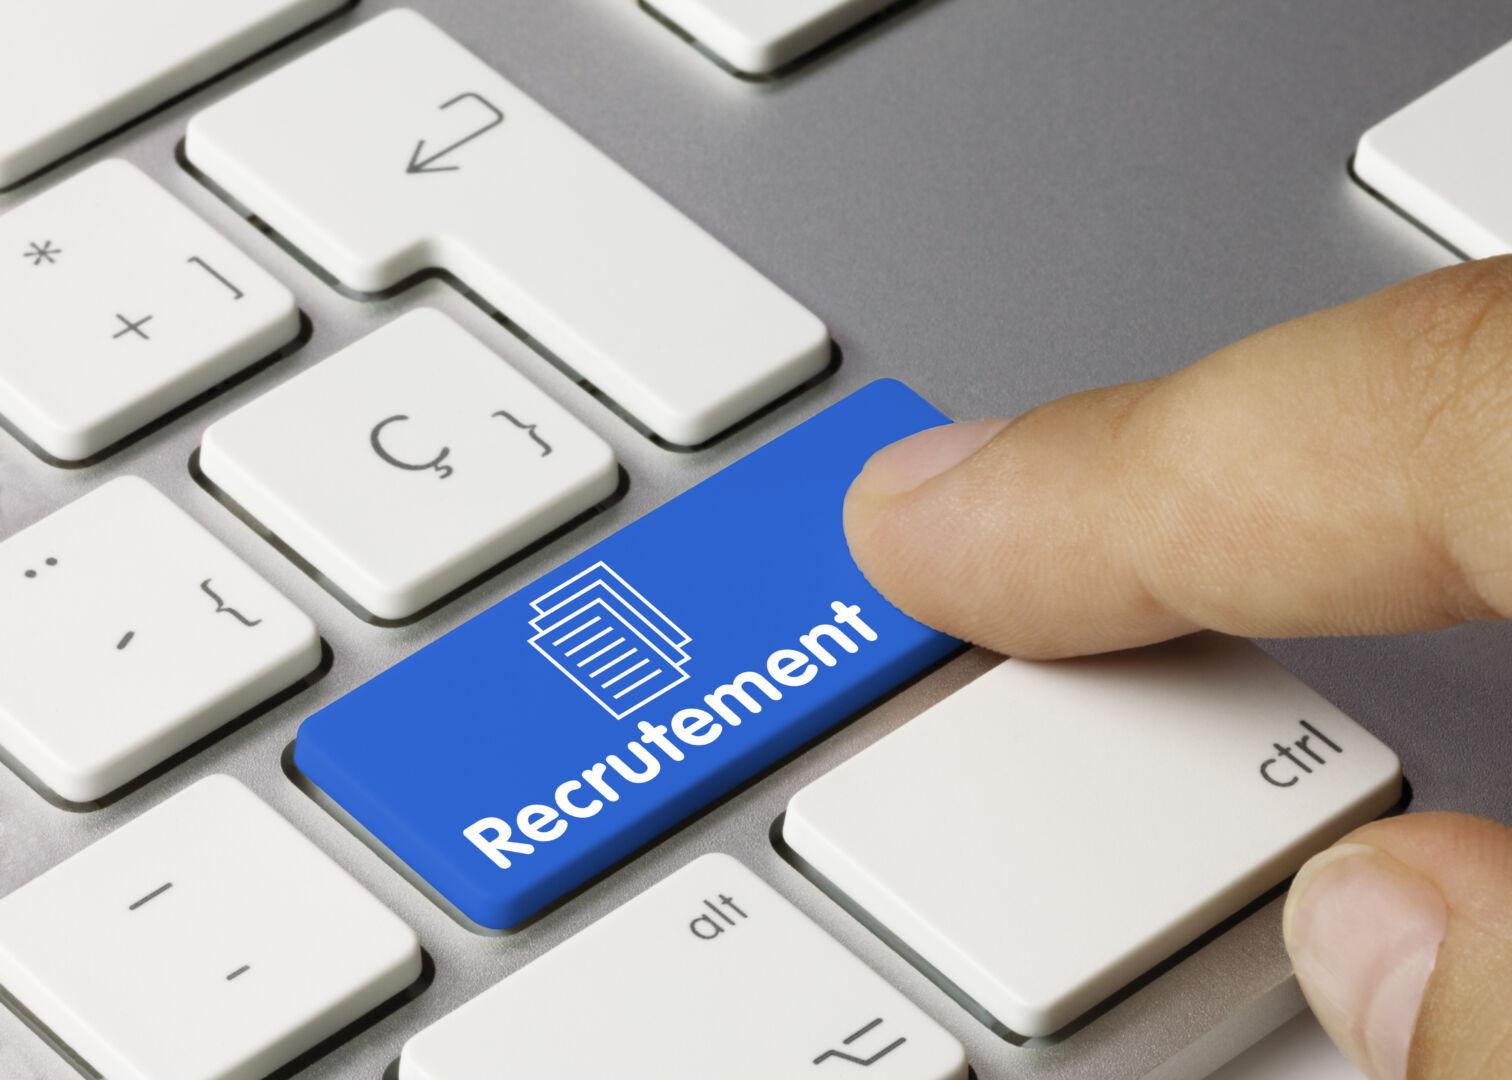 Quels sont les bons canaux pour recruter ? Les conseils de Hugo Bolzinger, fondateur du Recruteur Immobilier